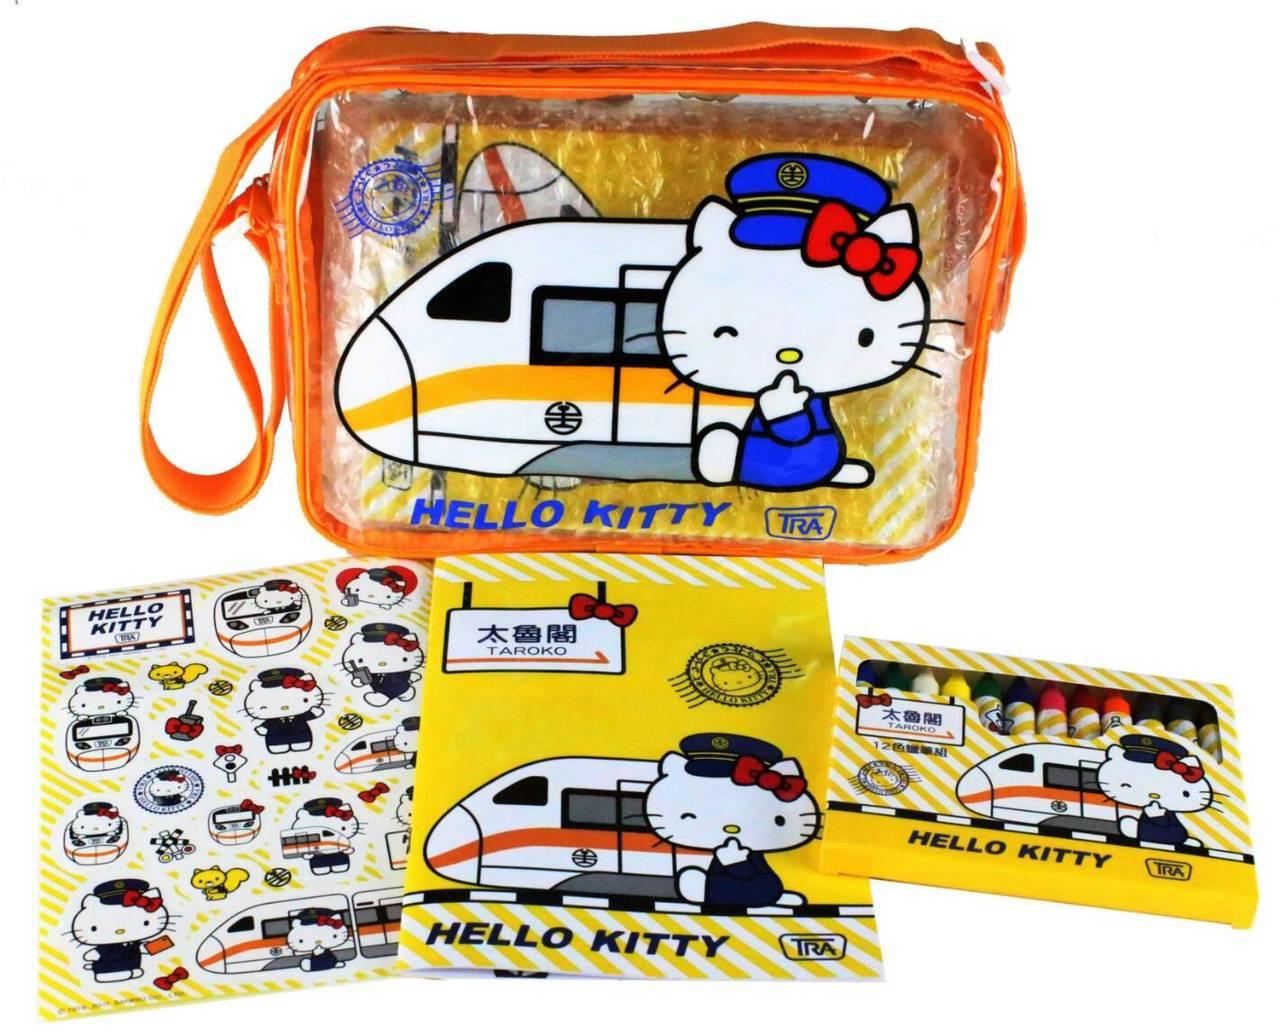 台鐵推出新太魯閣Hello Kitty列車,翻蓋造型水壺、12色鉛筆及蠟筆搶市。...